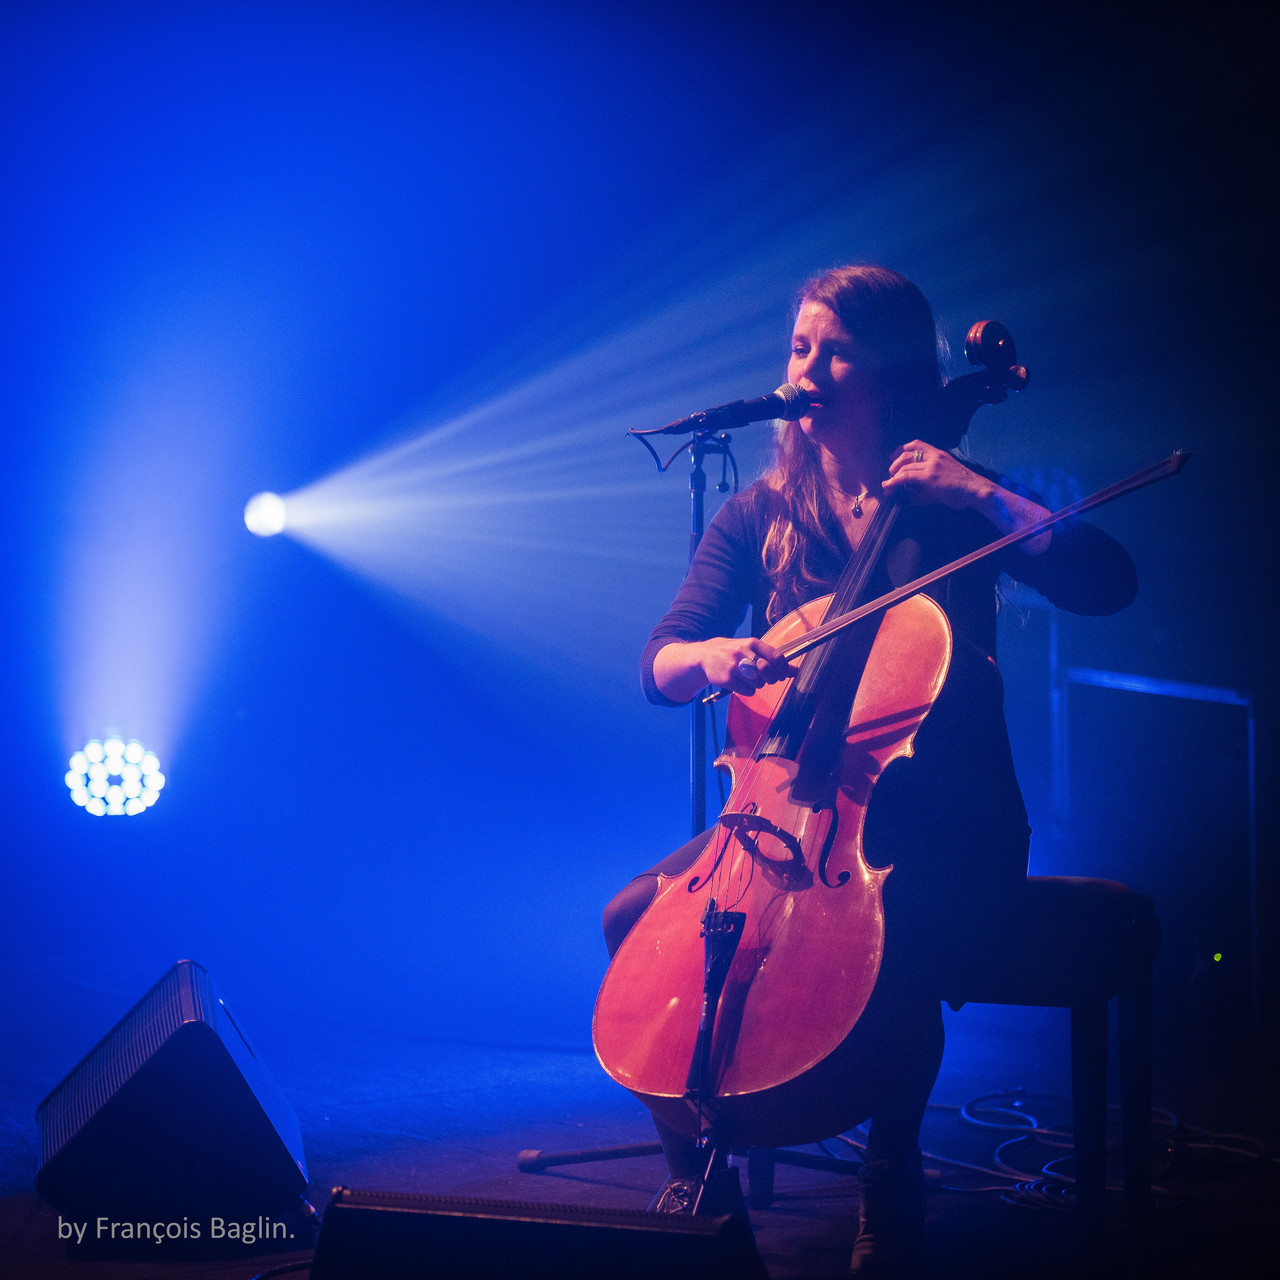 Daisies Fields-Concert Starter 31 mars 2016, avec Maïe-Tiaré Coignard (photo François Baglin)